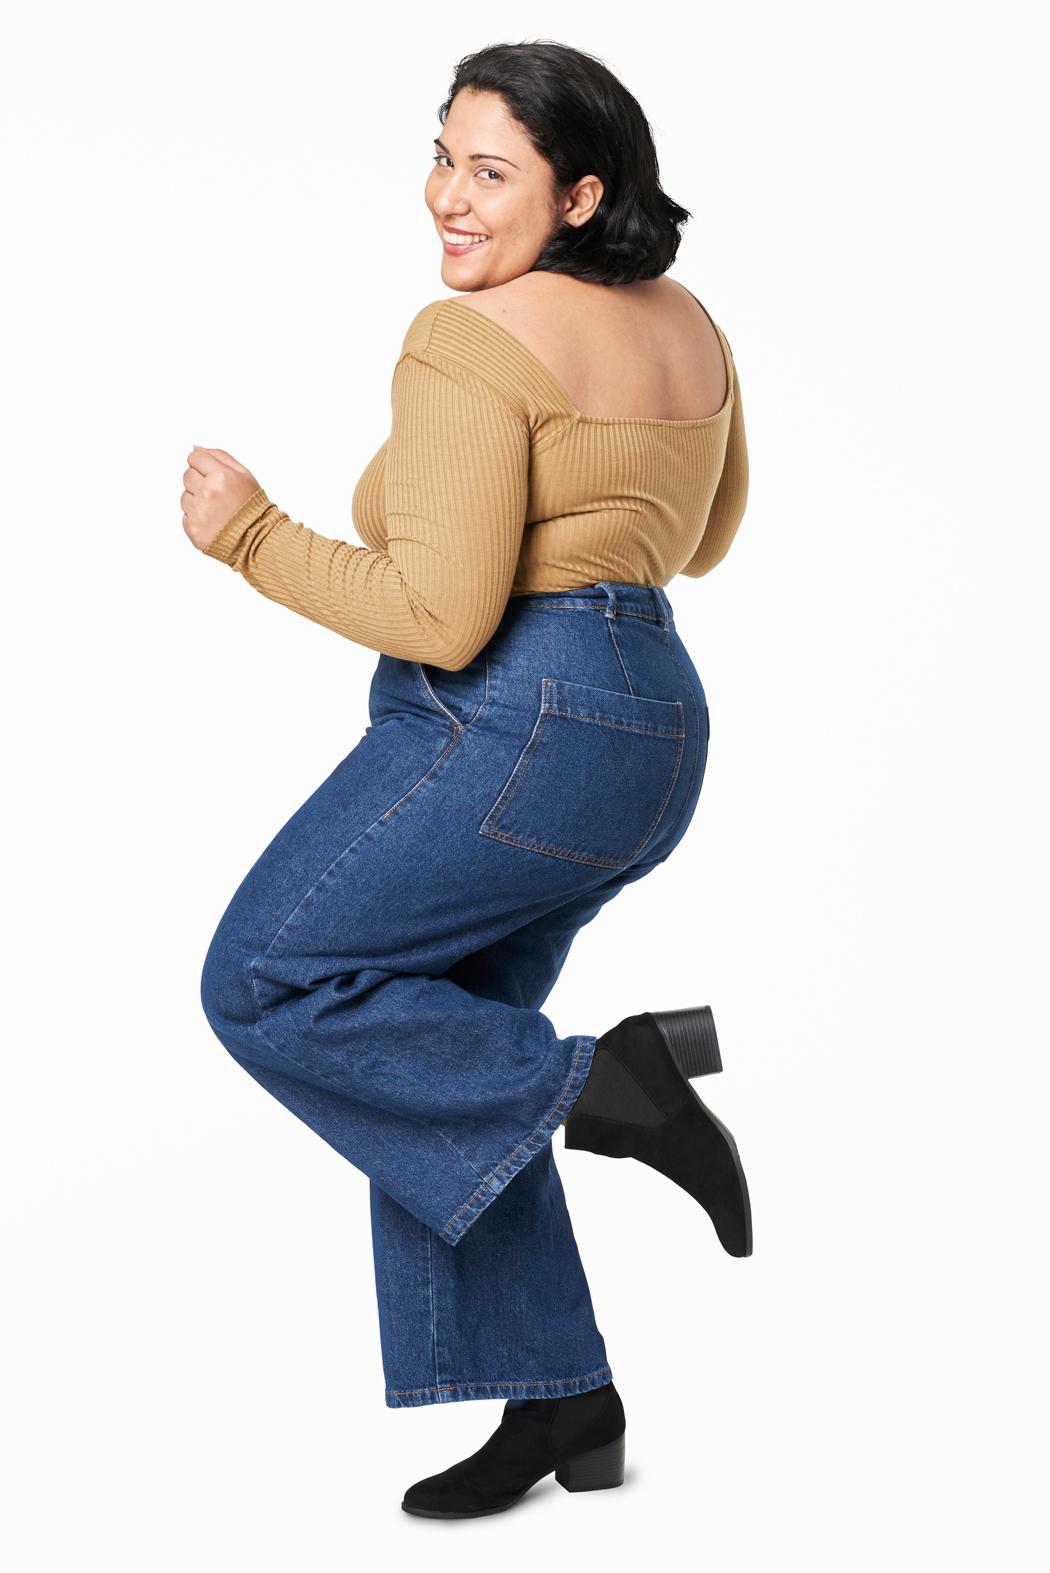 Comment choisir un jeans quand on a des fesses rondes ? Les critères pour choisir son jeans quand on a des grosses fesses